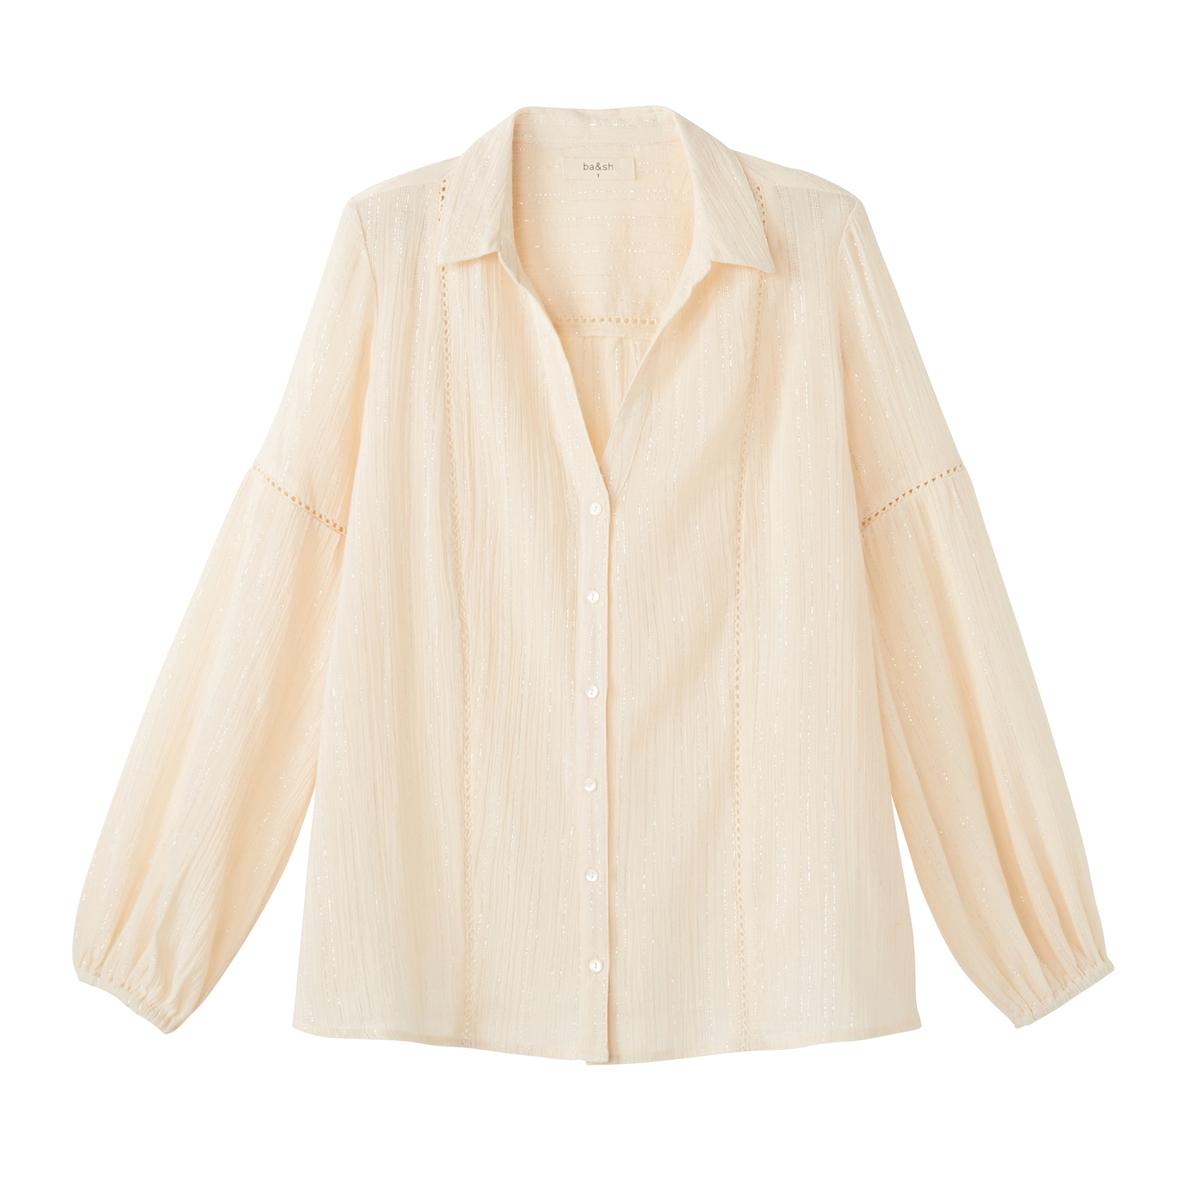 Рубашка блестящая LAKOTAБлестящая рубашка BA&amp;SH - модель LAKOTA с мережками и перламутровыми пуговицами.Детали  •  Длинные рукава •  Прямой покрой •  Воротник-поло, рубашечныйСостав и уход  •  98% хлопка, 2% металлизированного волокна •  Следуйте рекомендациям по уходу, указанным на этикетке изделия •  Эластичные манжеты •  Перламутровые пуговицы •  Мережки на рукавах •  V-образный вырез и рубашечный воротник<br><br>Цвет: сливовый,экрю